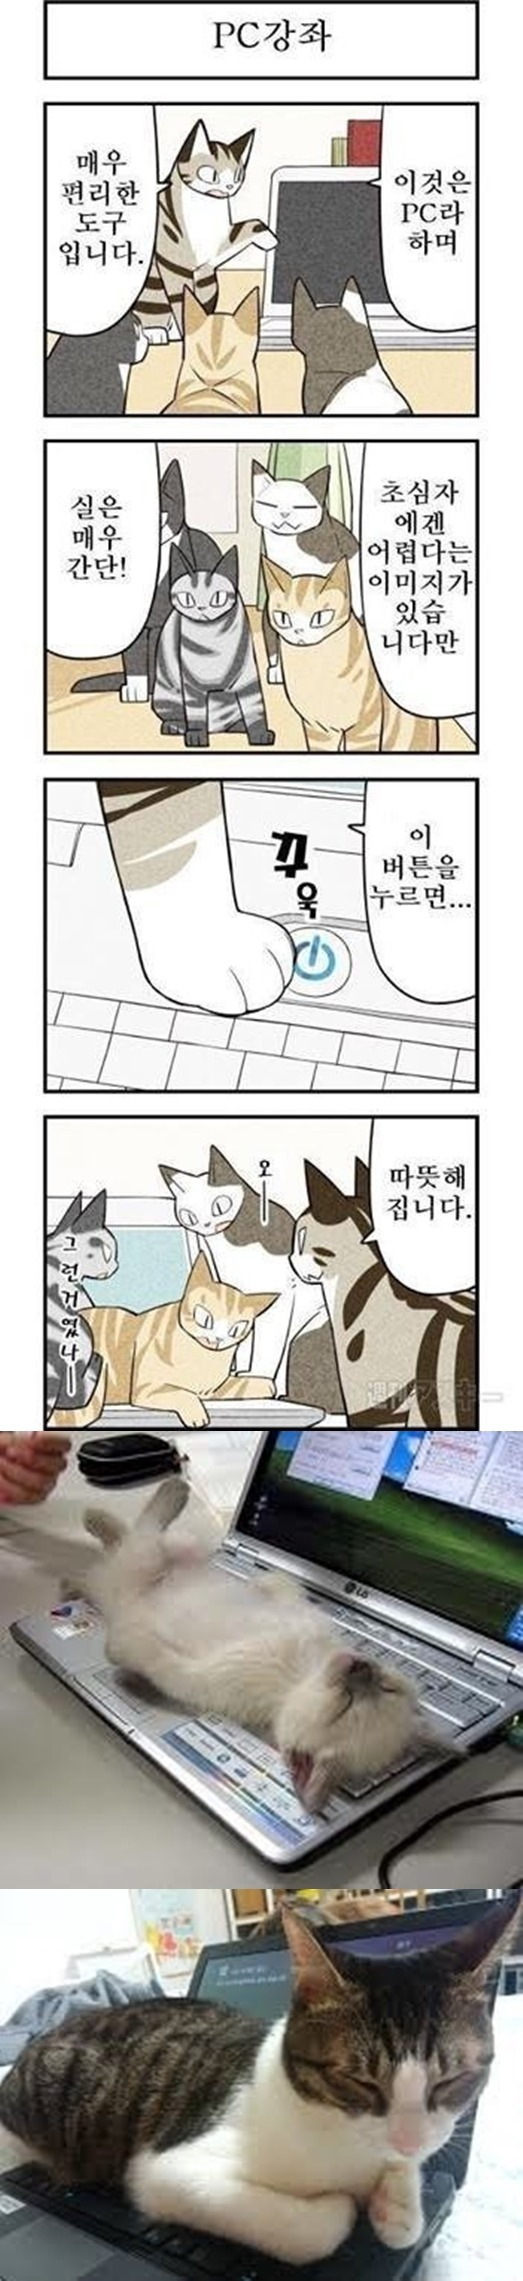 고양이의 노트북 사용법